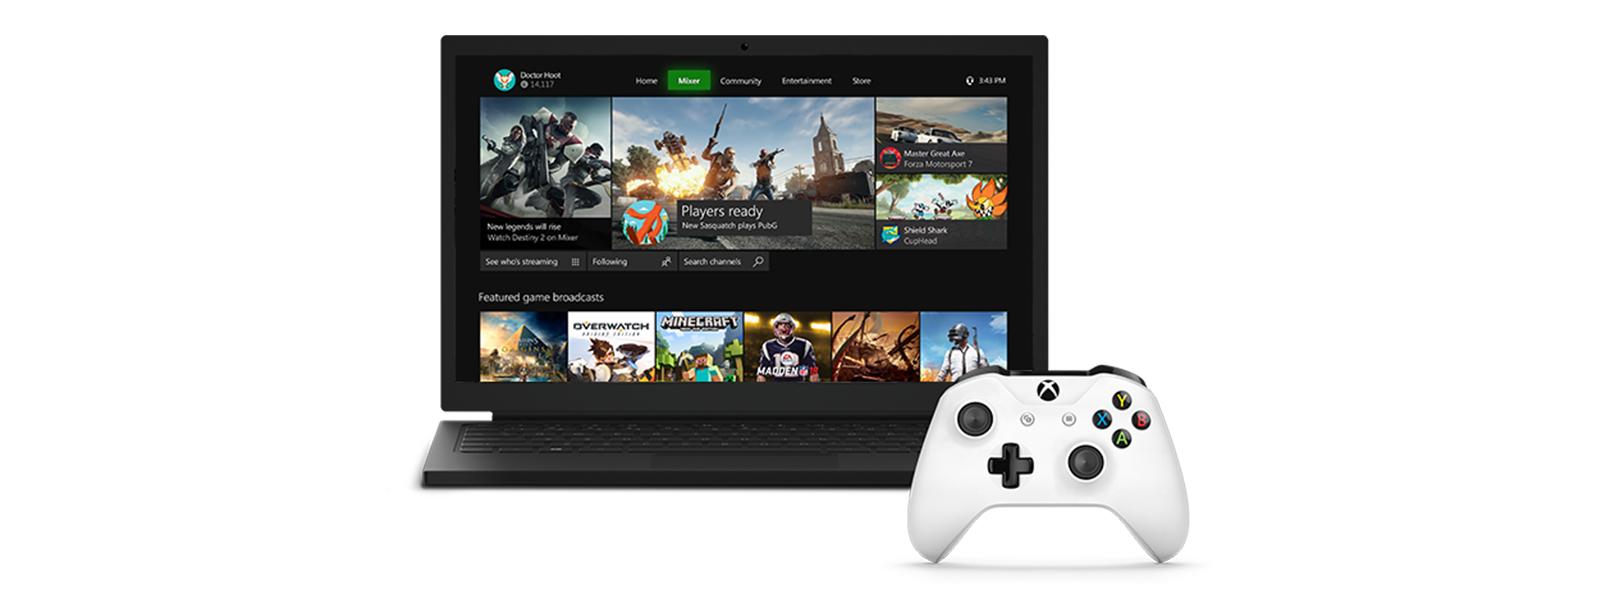 Nuova interfaccia di Mixer per i giochi in Windows 10